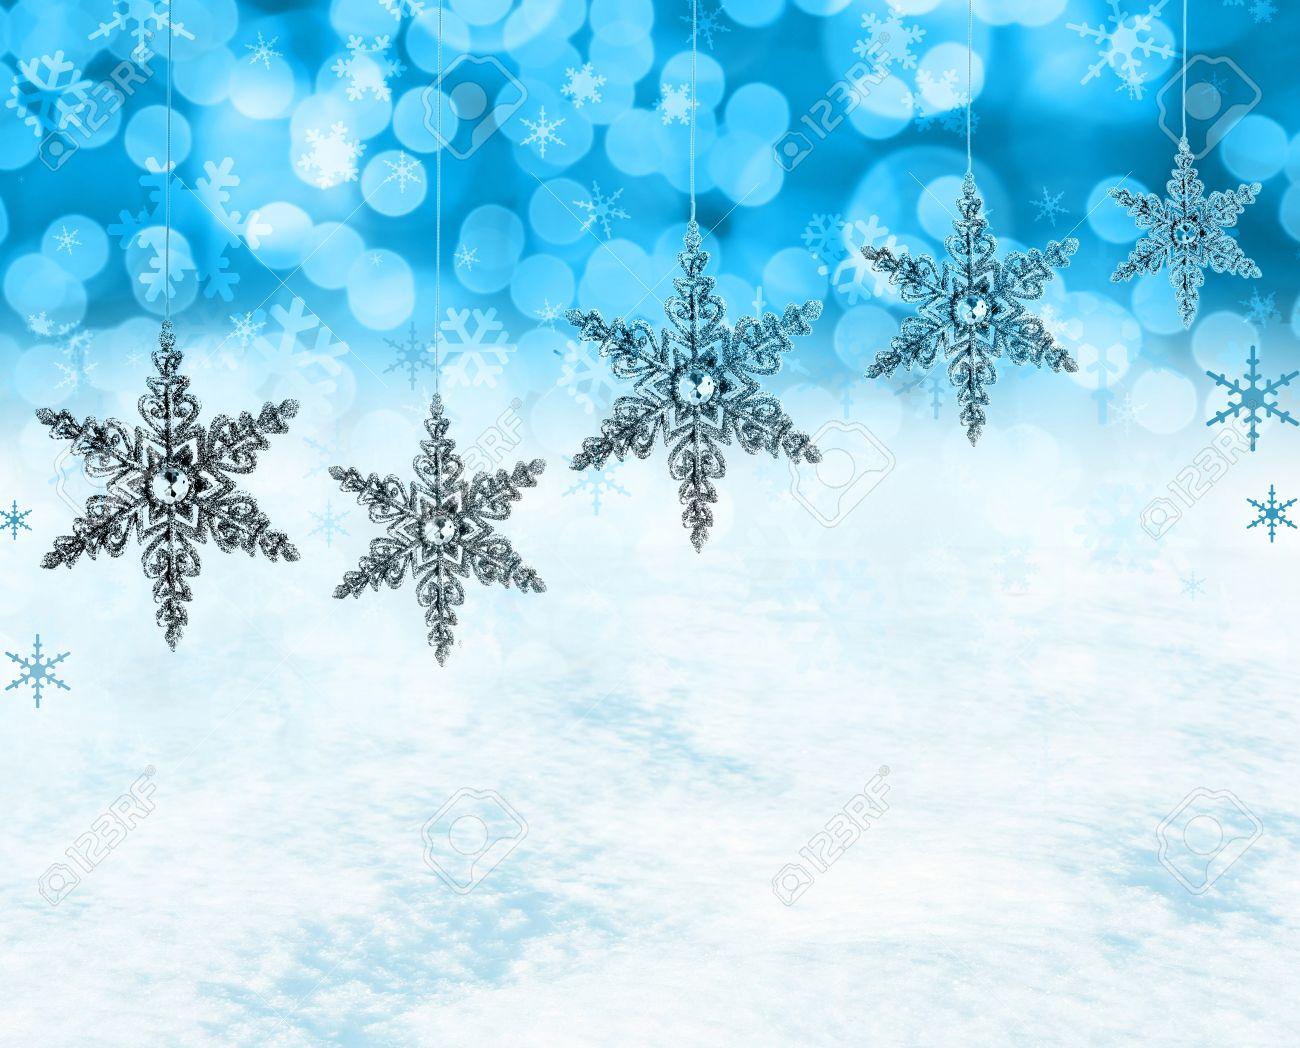 Festliche Weihnachten Schneeflocken Hintergrund, Enthält Echten ...